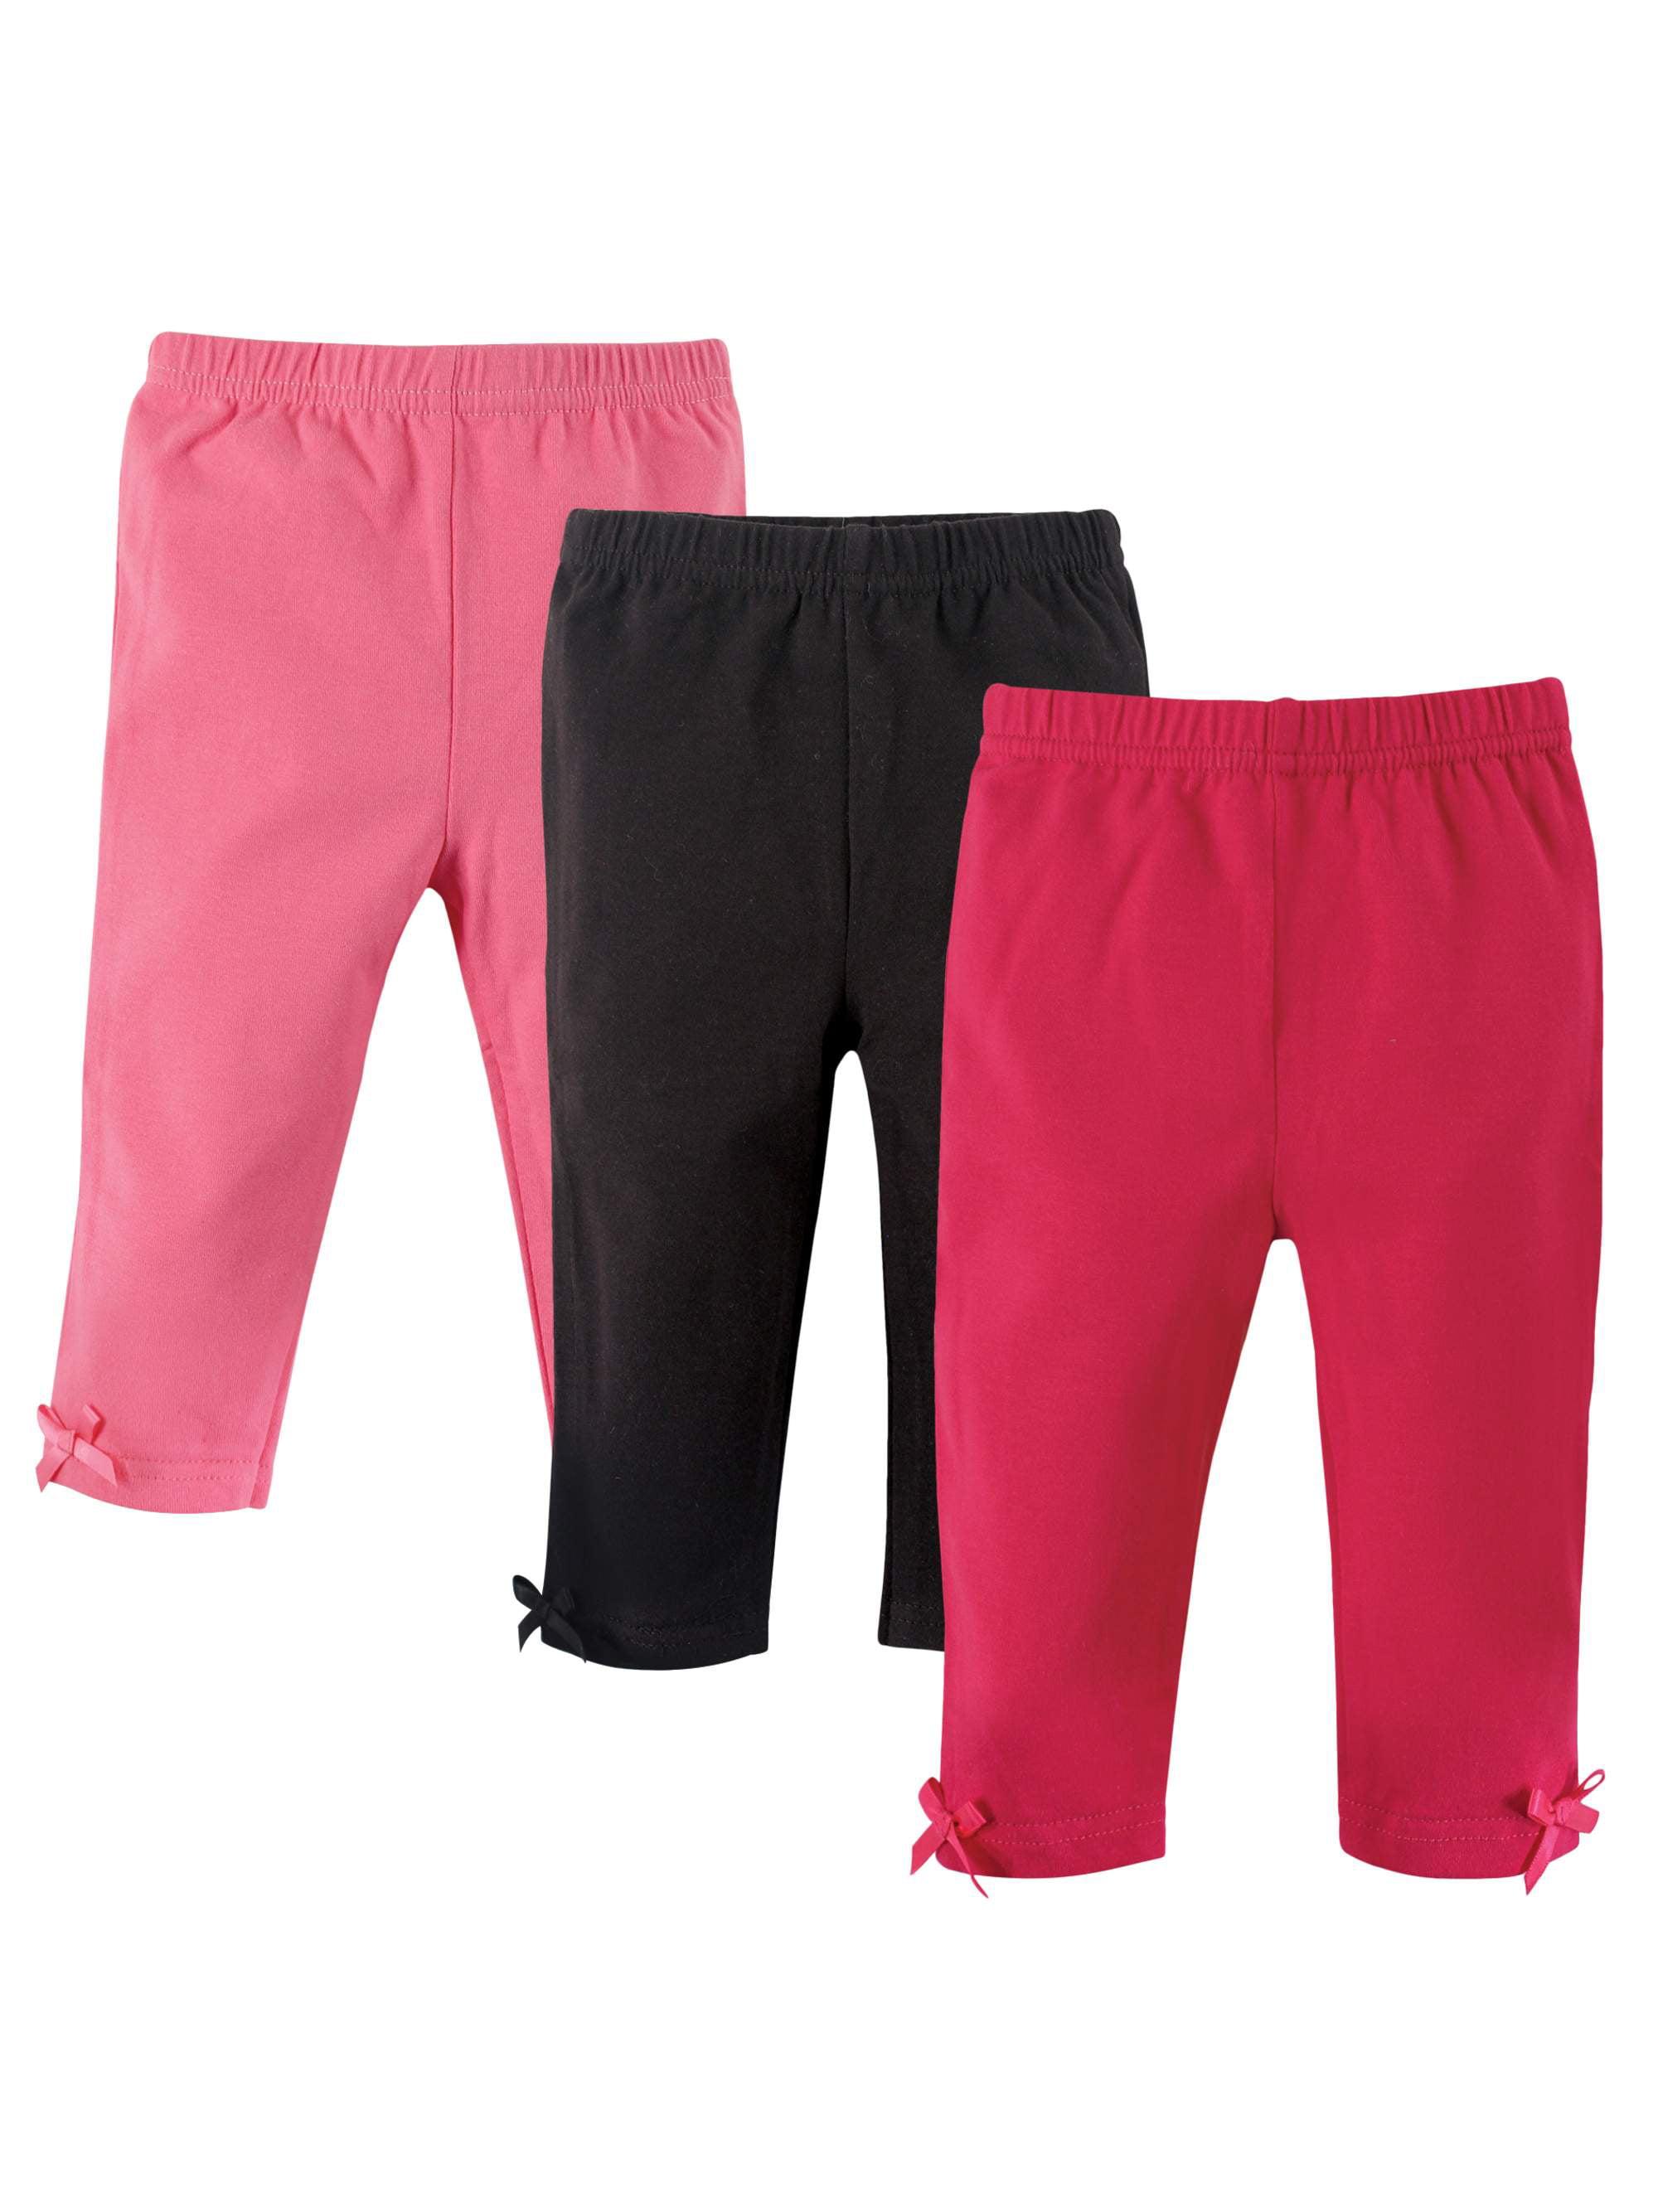 Girl Leggings, 3-pack